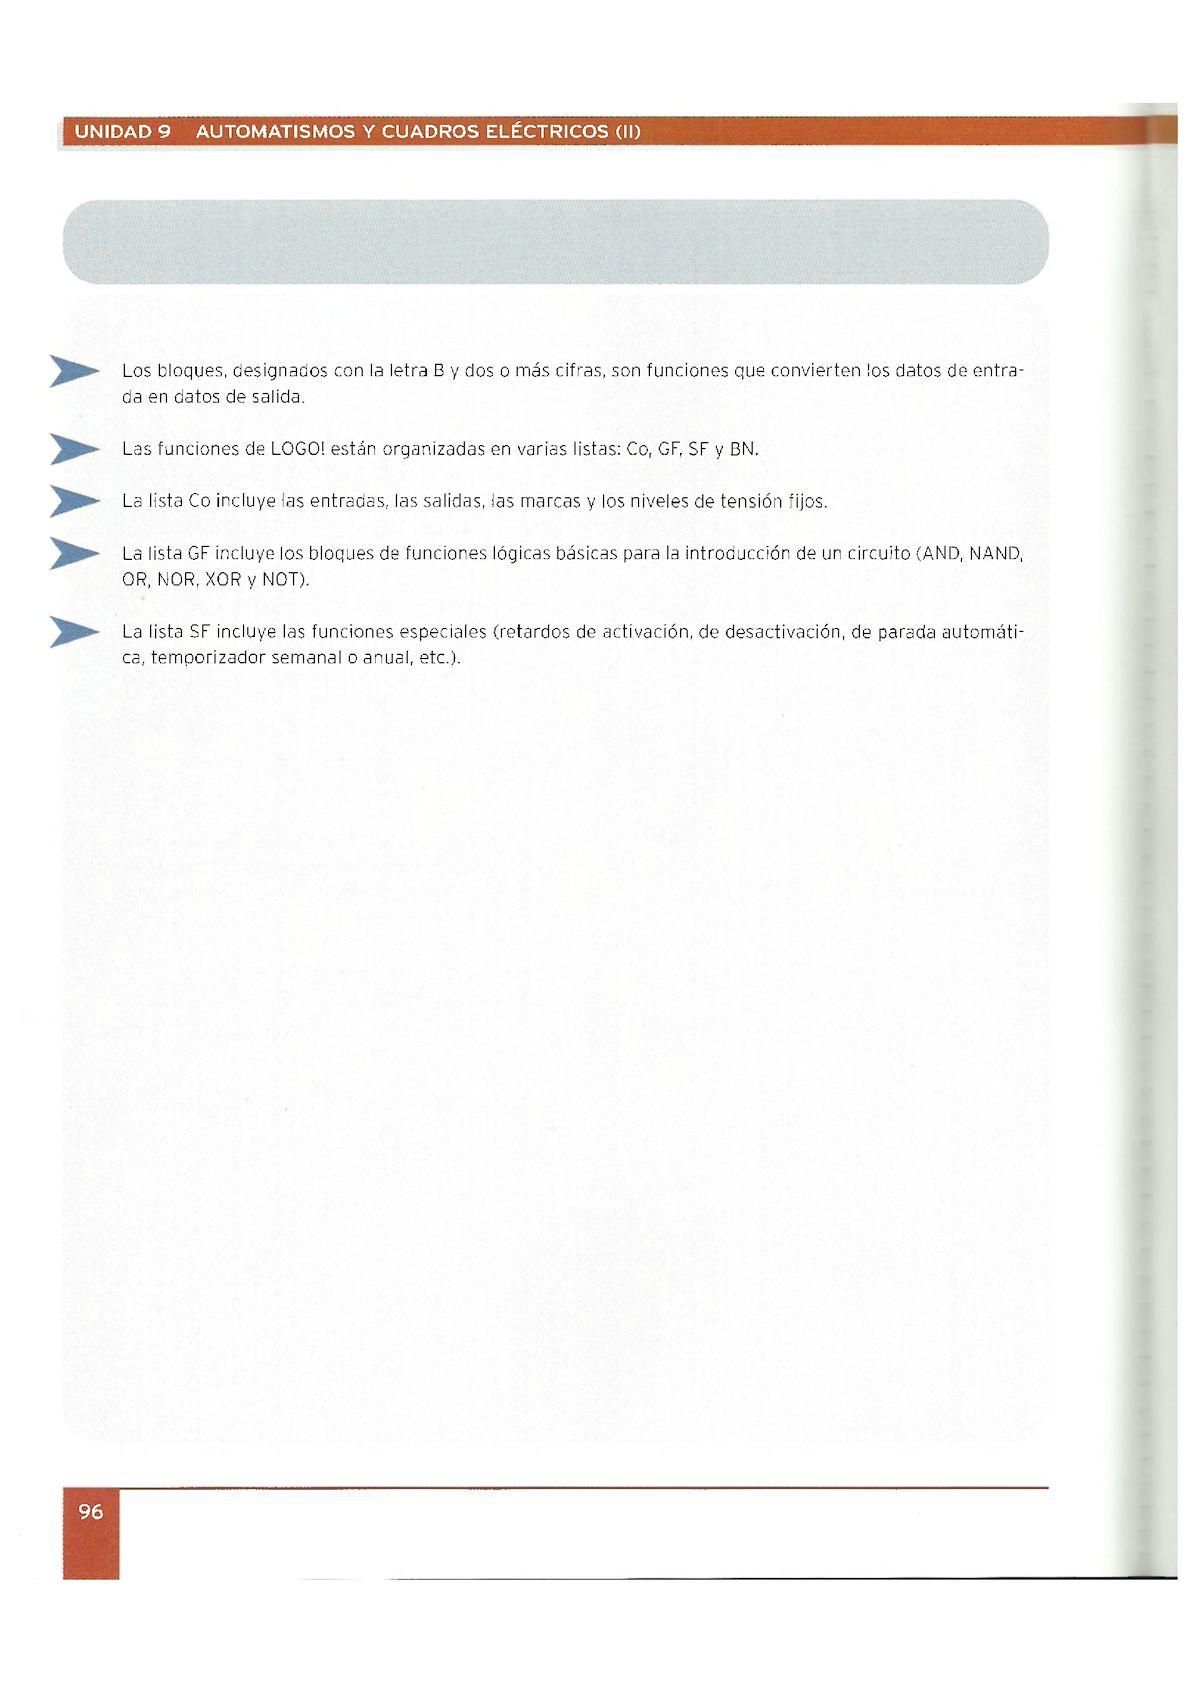 Circuito And : Curso 9 automatismos y cuadros electricos ii vaf calameo